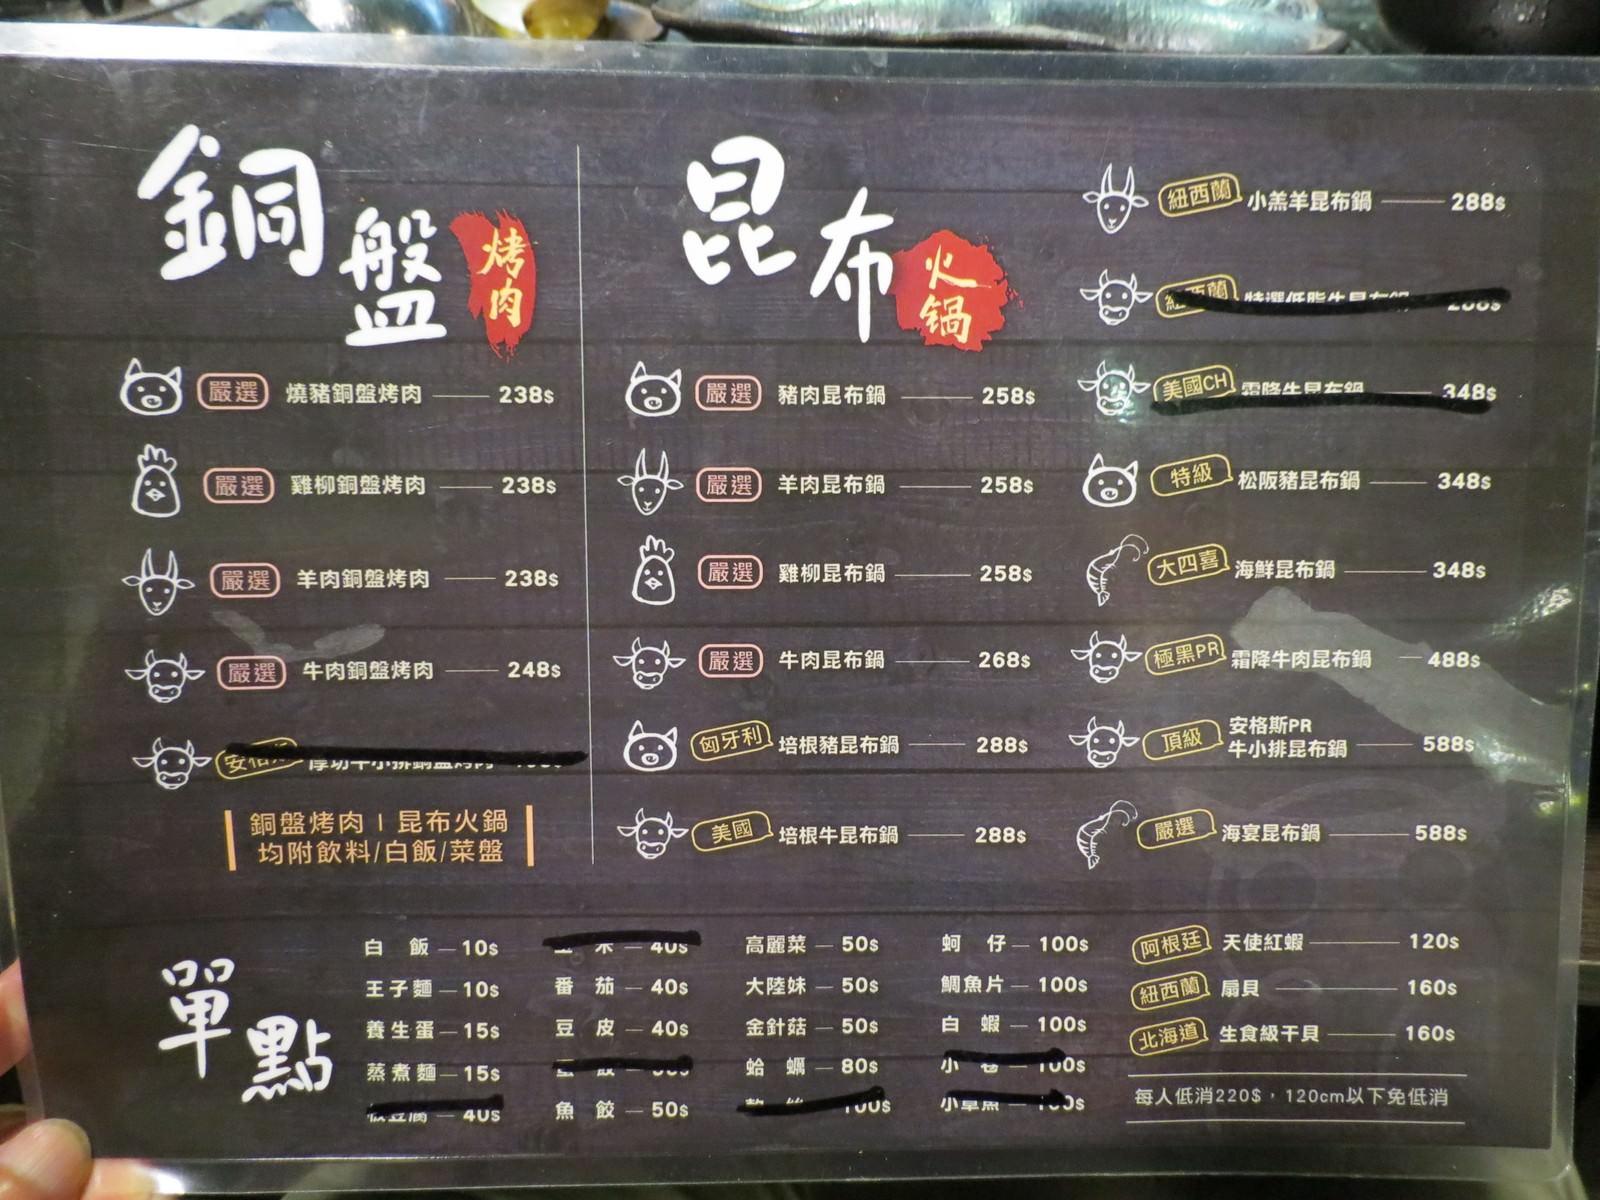 咕咕咕嚕鍋物專賣店, 價目表/menu